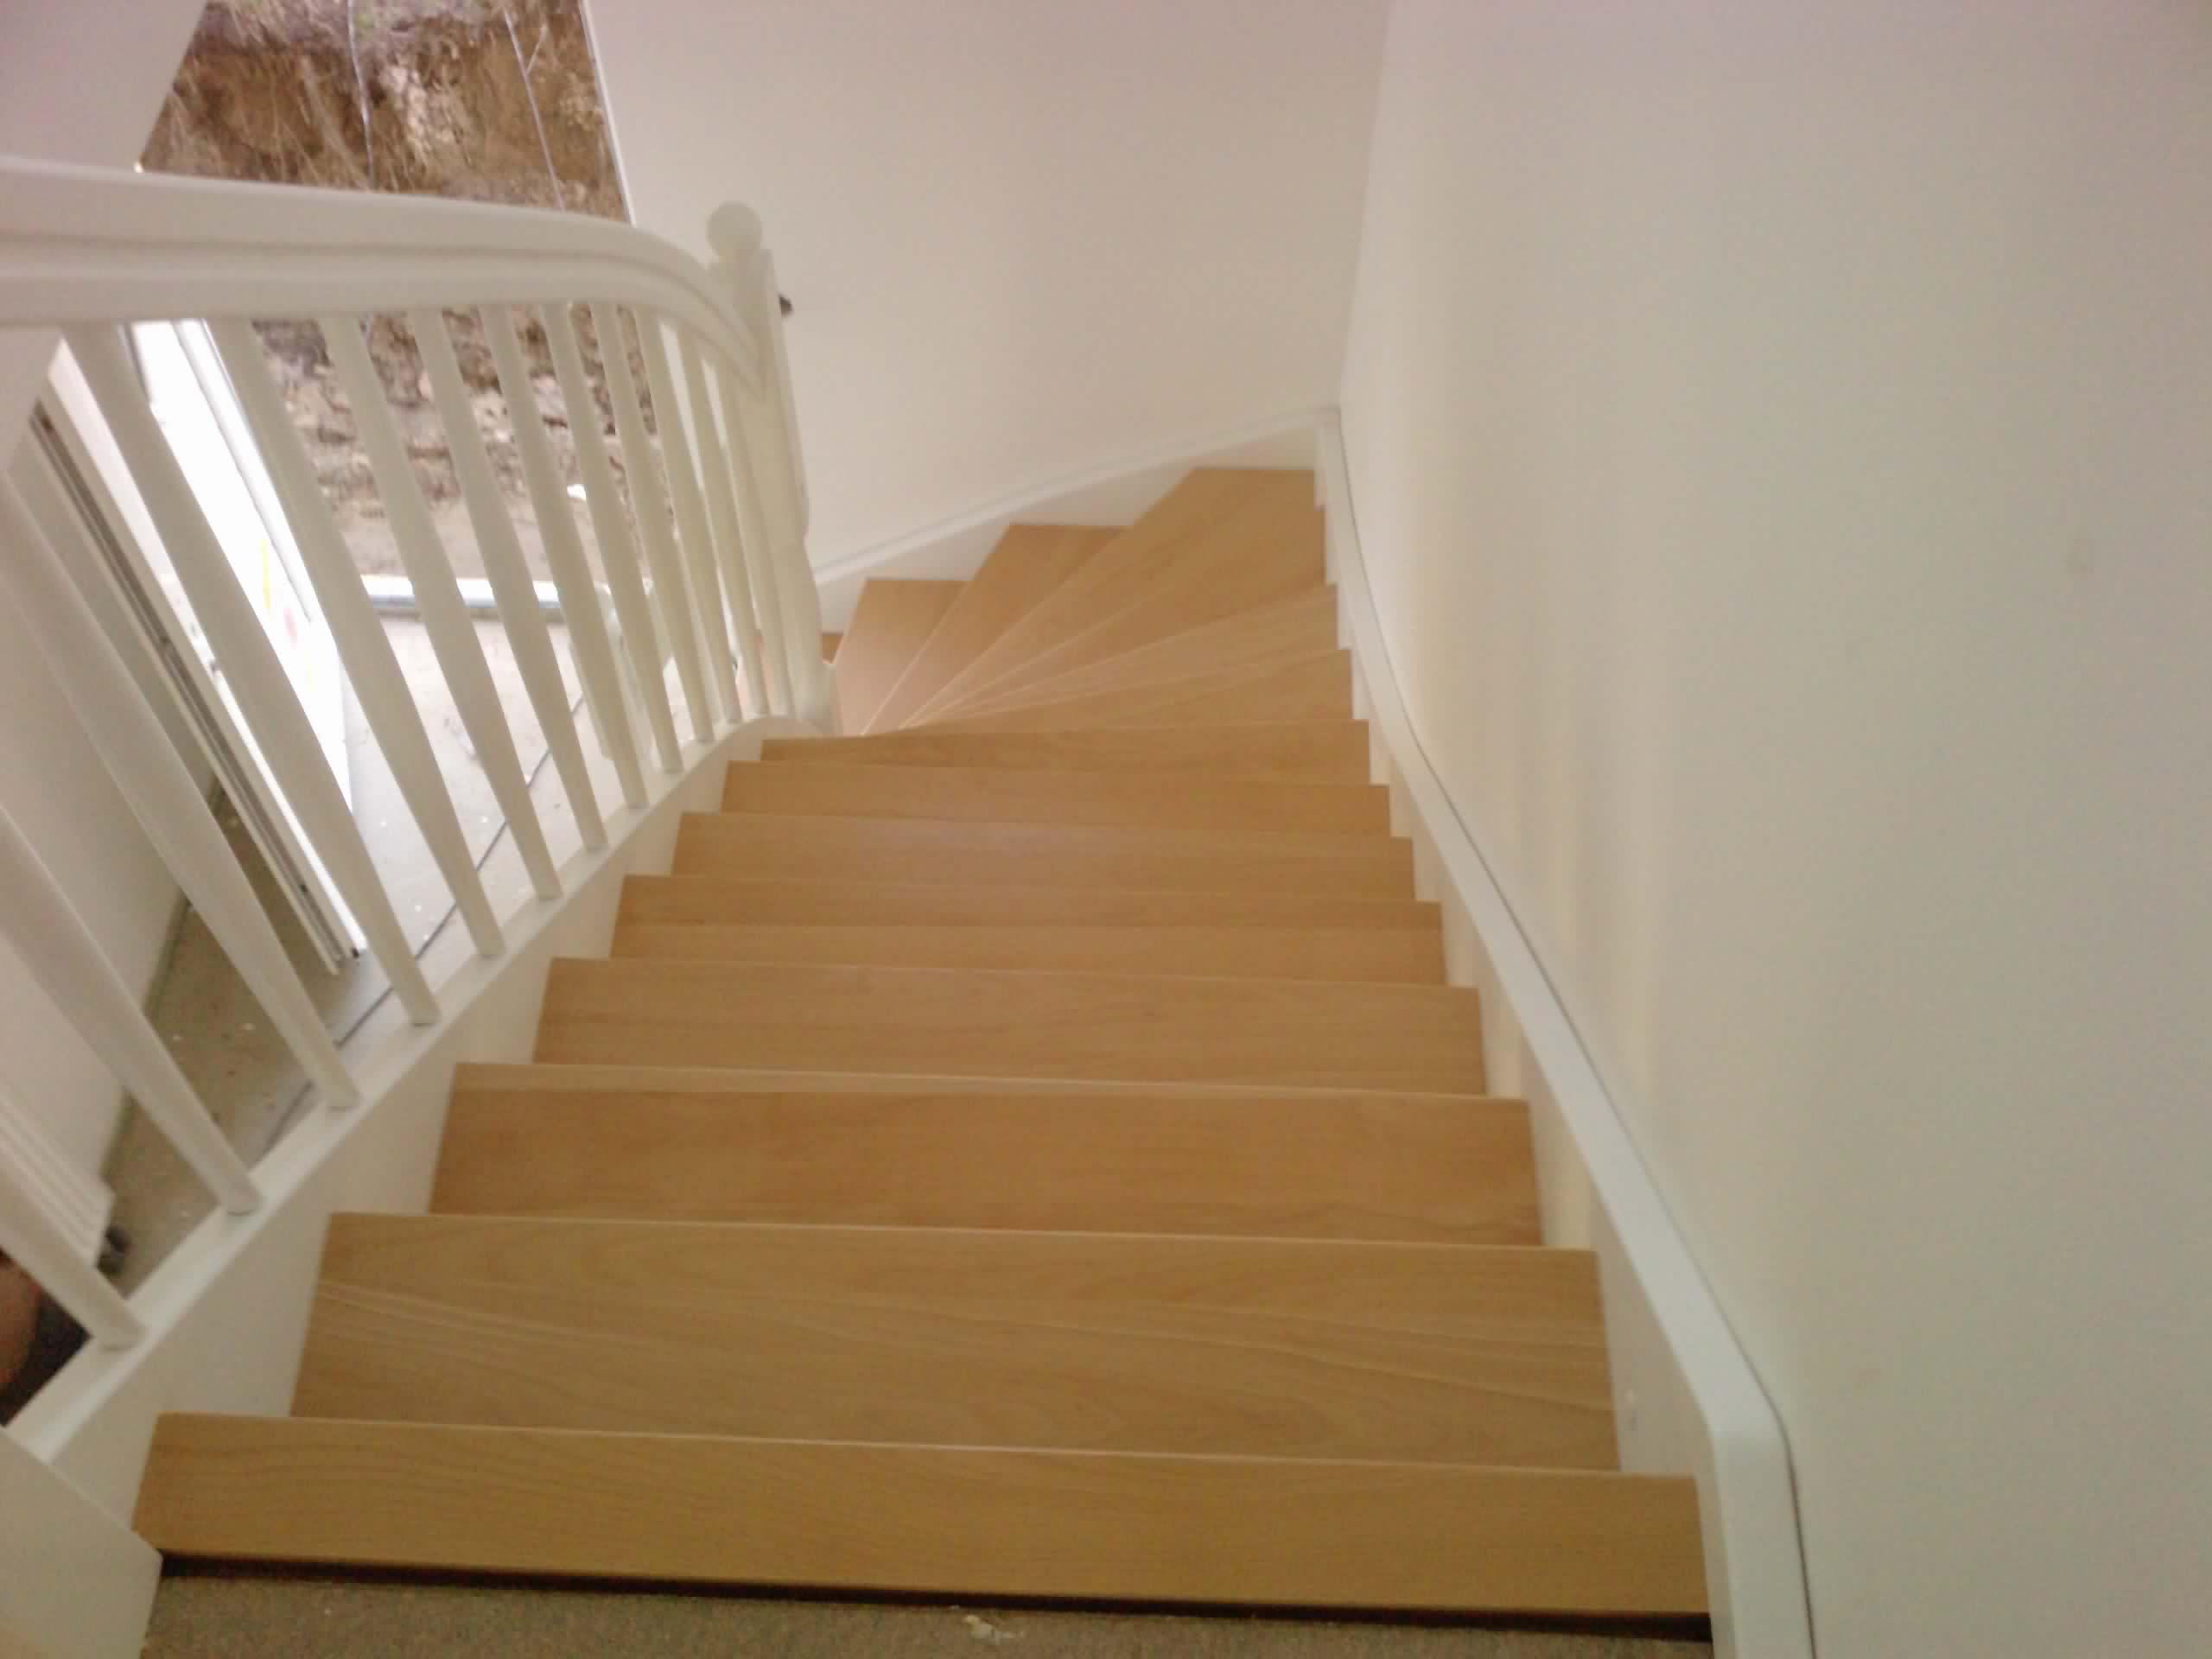 Treppengeländer Verkleiden wohnzimmerz treppengeländer verkleiden with betontreppe verkleiden